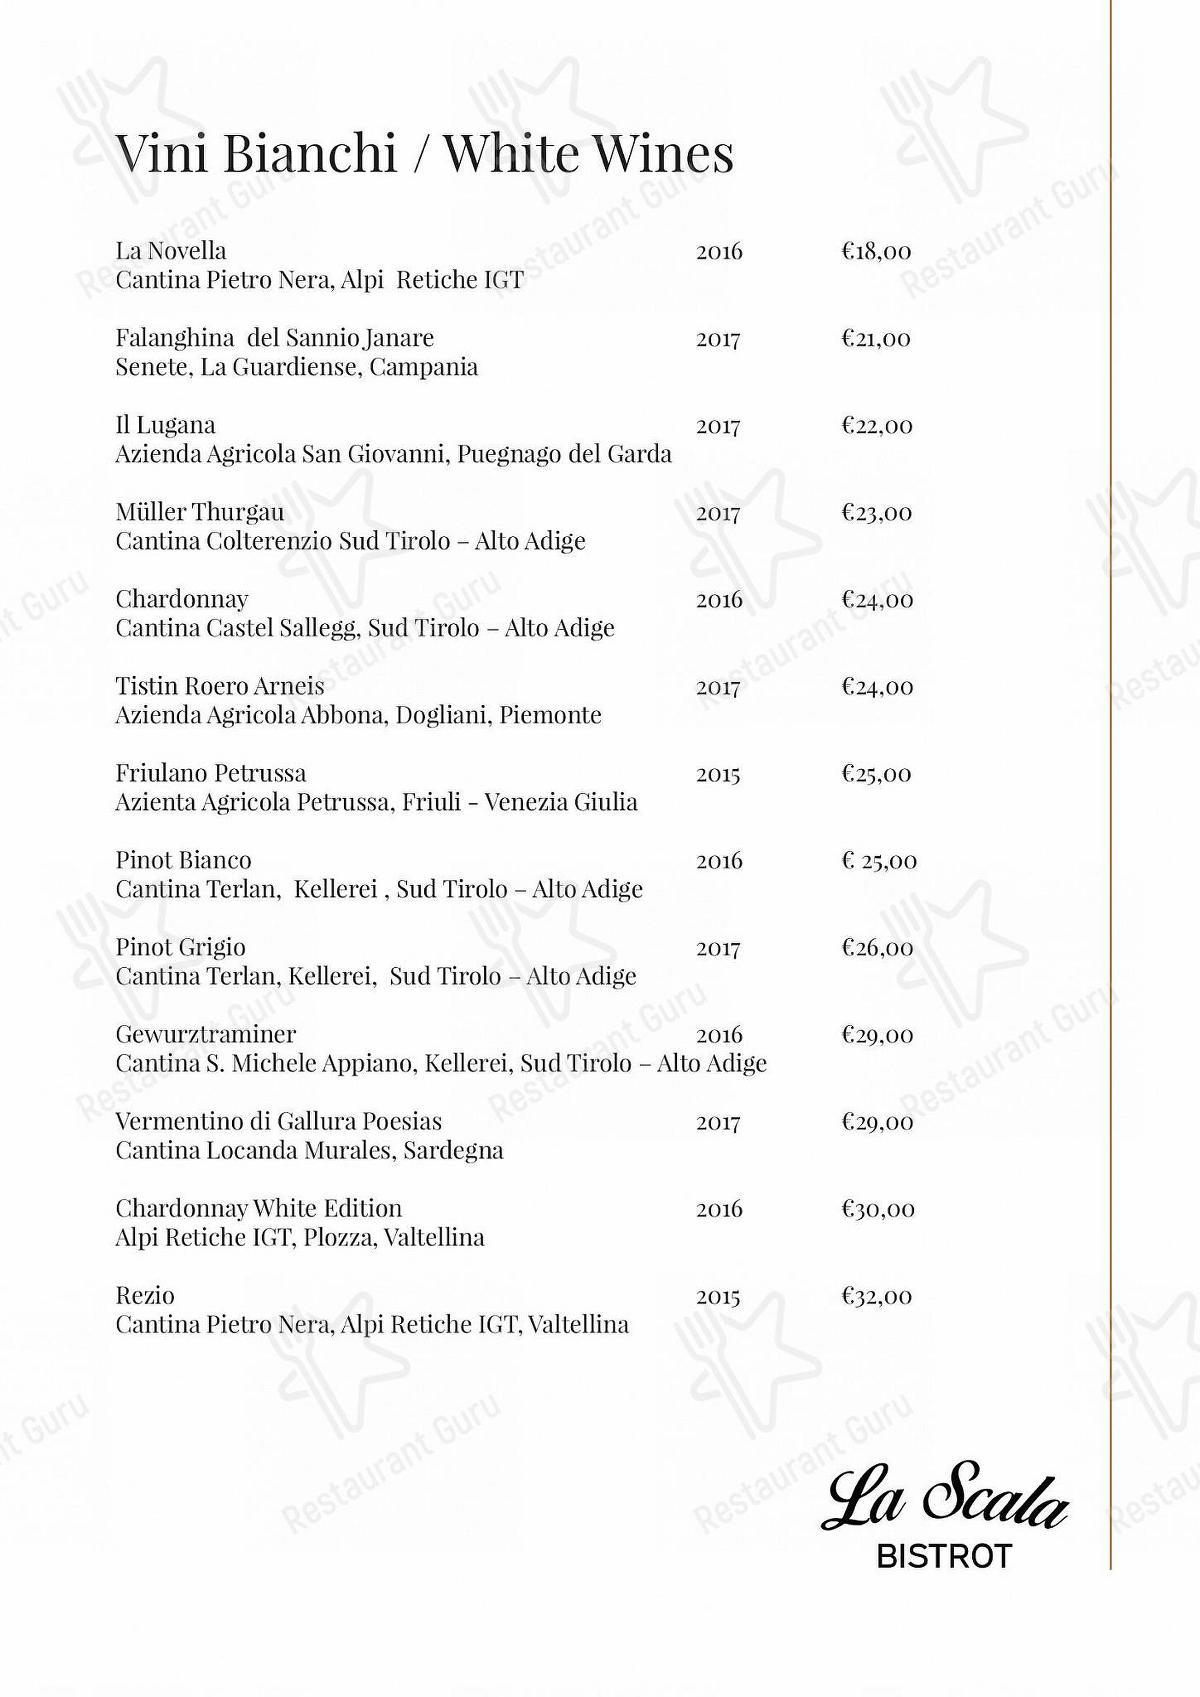 Menu di La Scala Bistrot - pasti e bevande